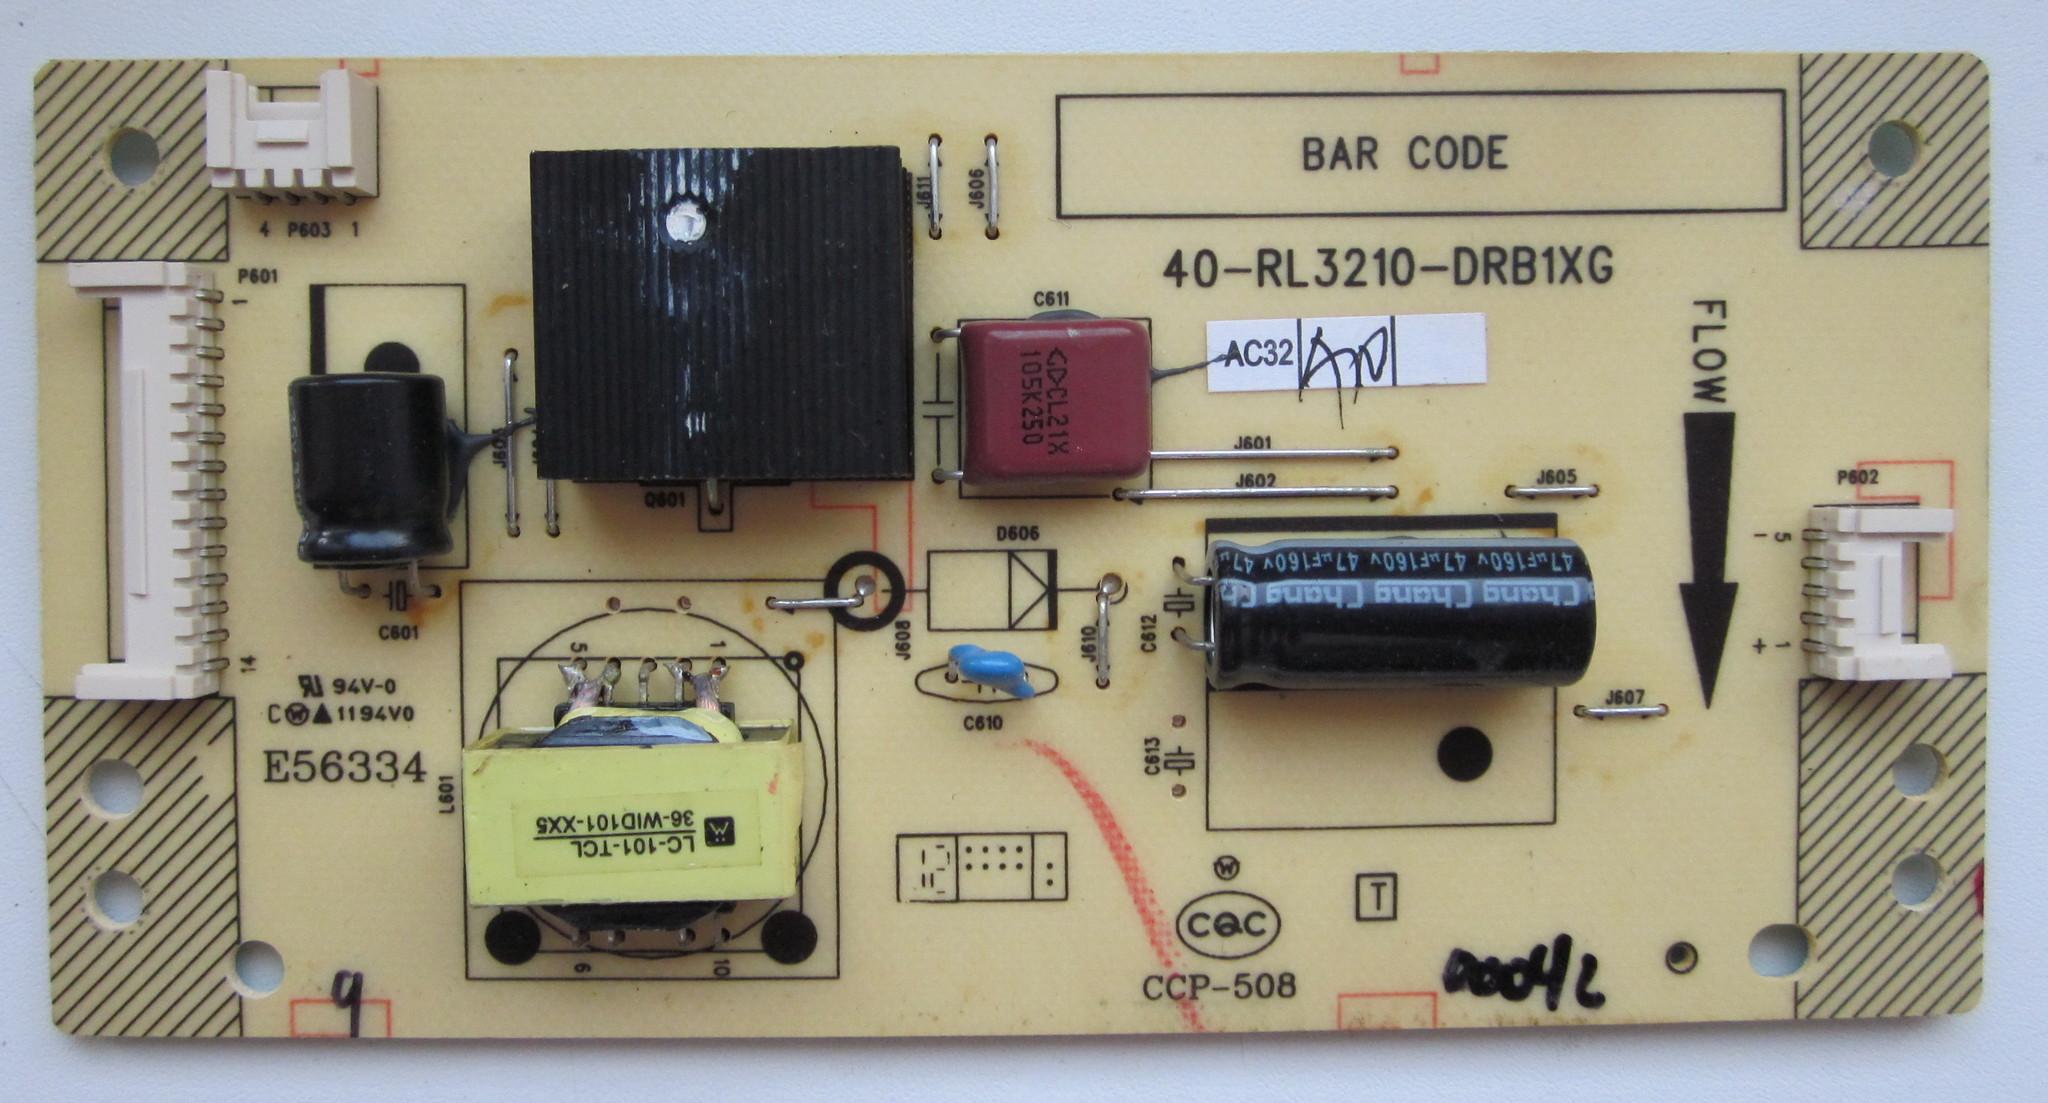 40-RL3210-DRB1XG